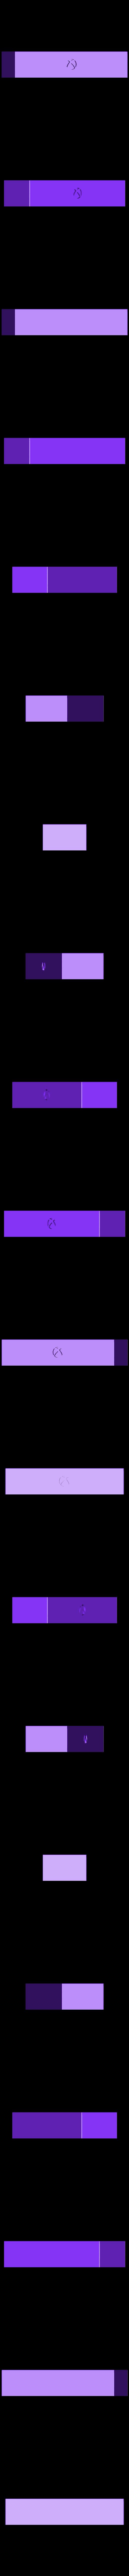 xbox-360-gamepad_support.stl Télécharger fichier STL gratuit Support manette xbox 360 • Design pour imprimante 3D, mrstaf